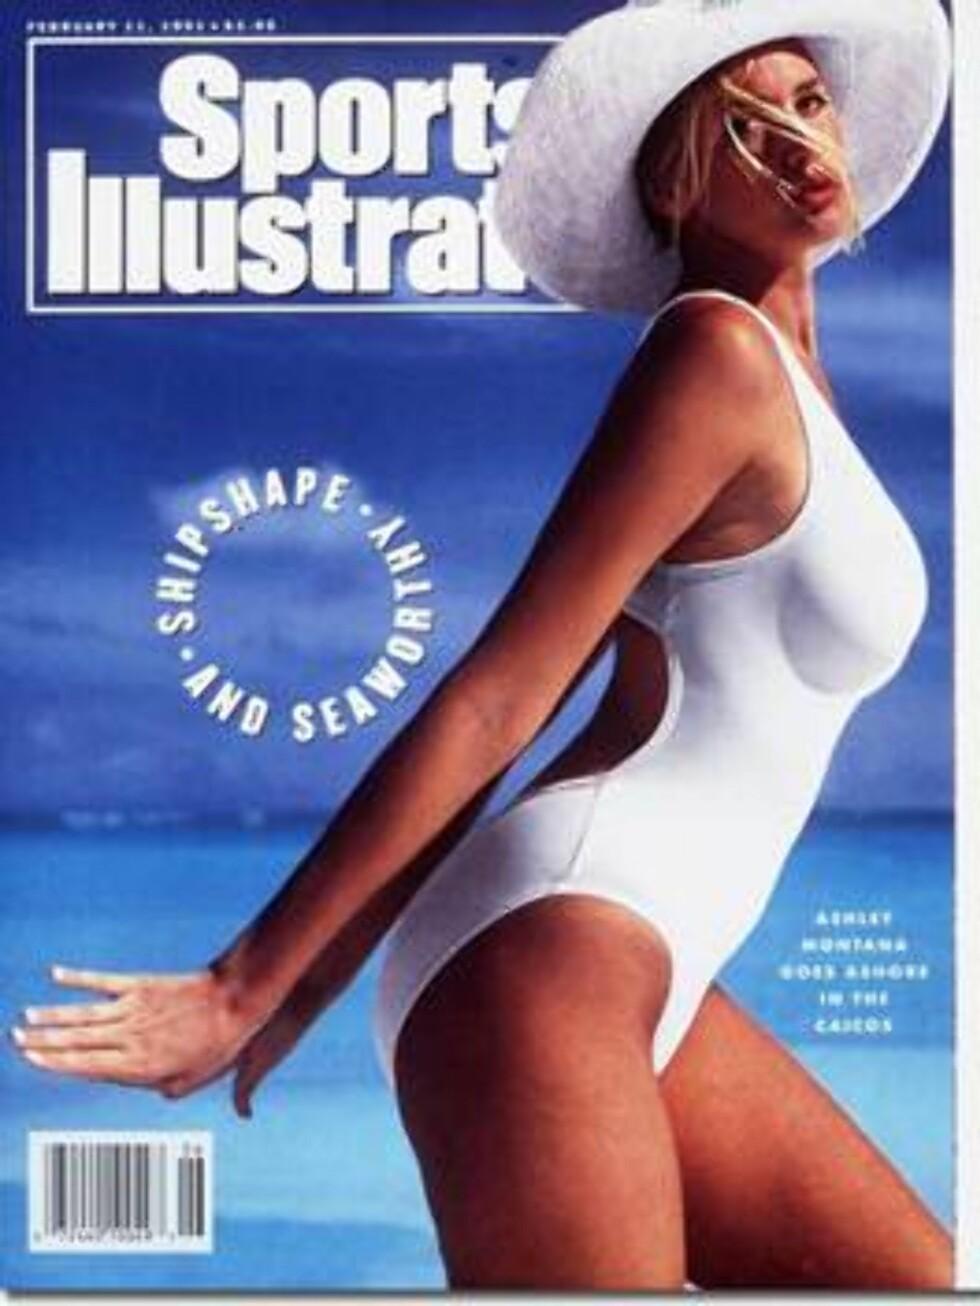 1991. Det oser tidlig 90-tall av dette coveret.  Modell: Ashley Montana. Foto: Sports Illustrated